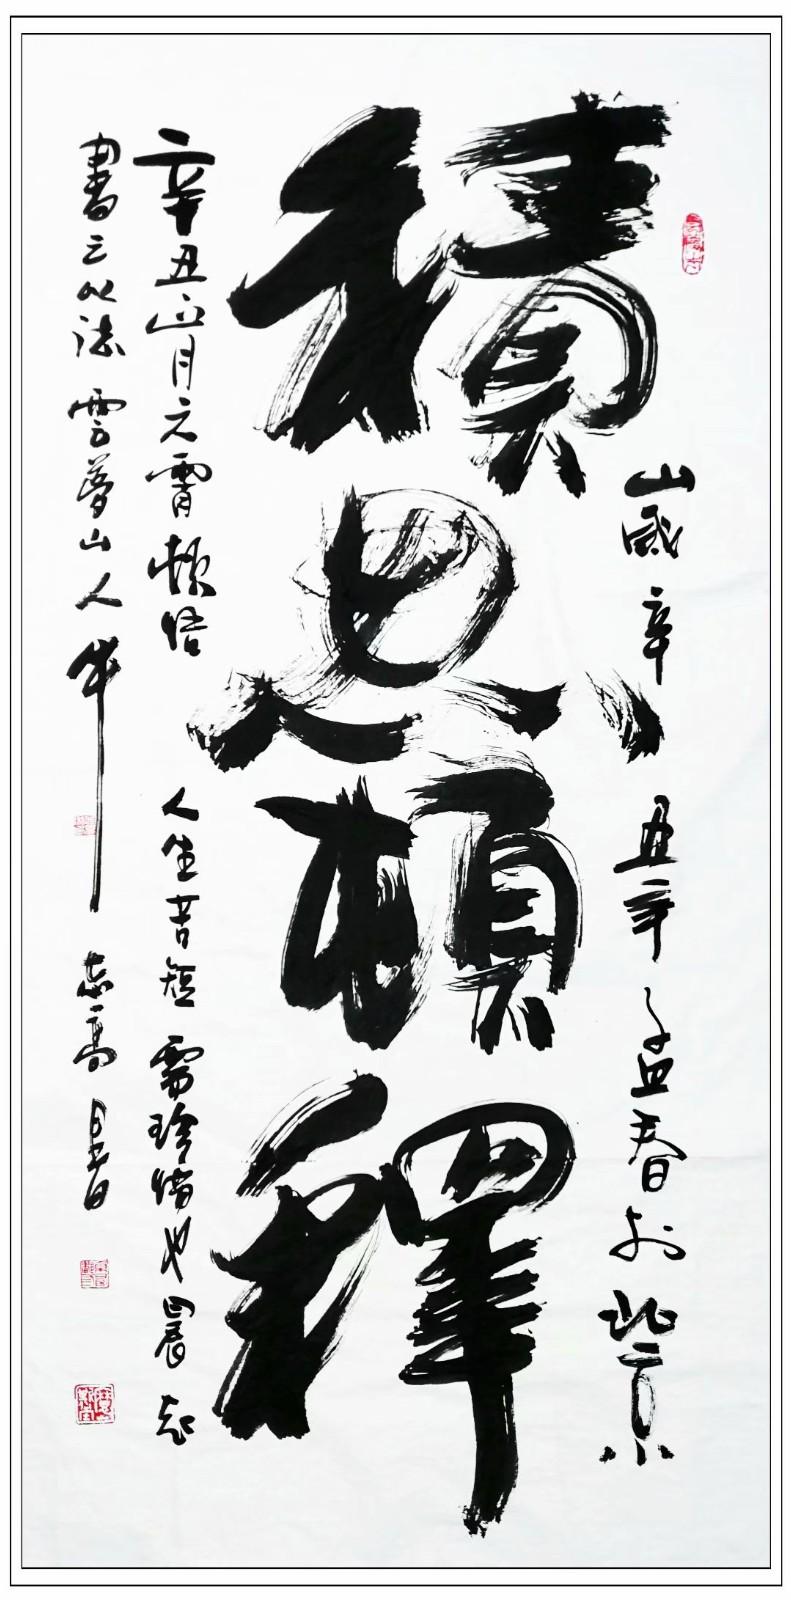 牛志高书法----2021.02.26_图1-6